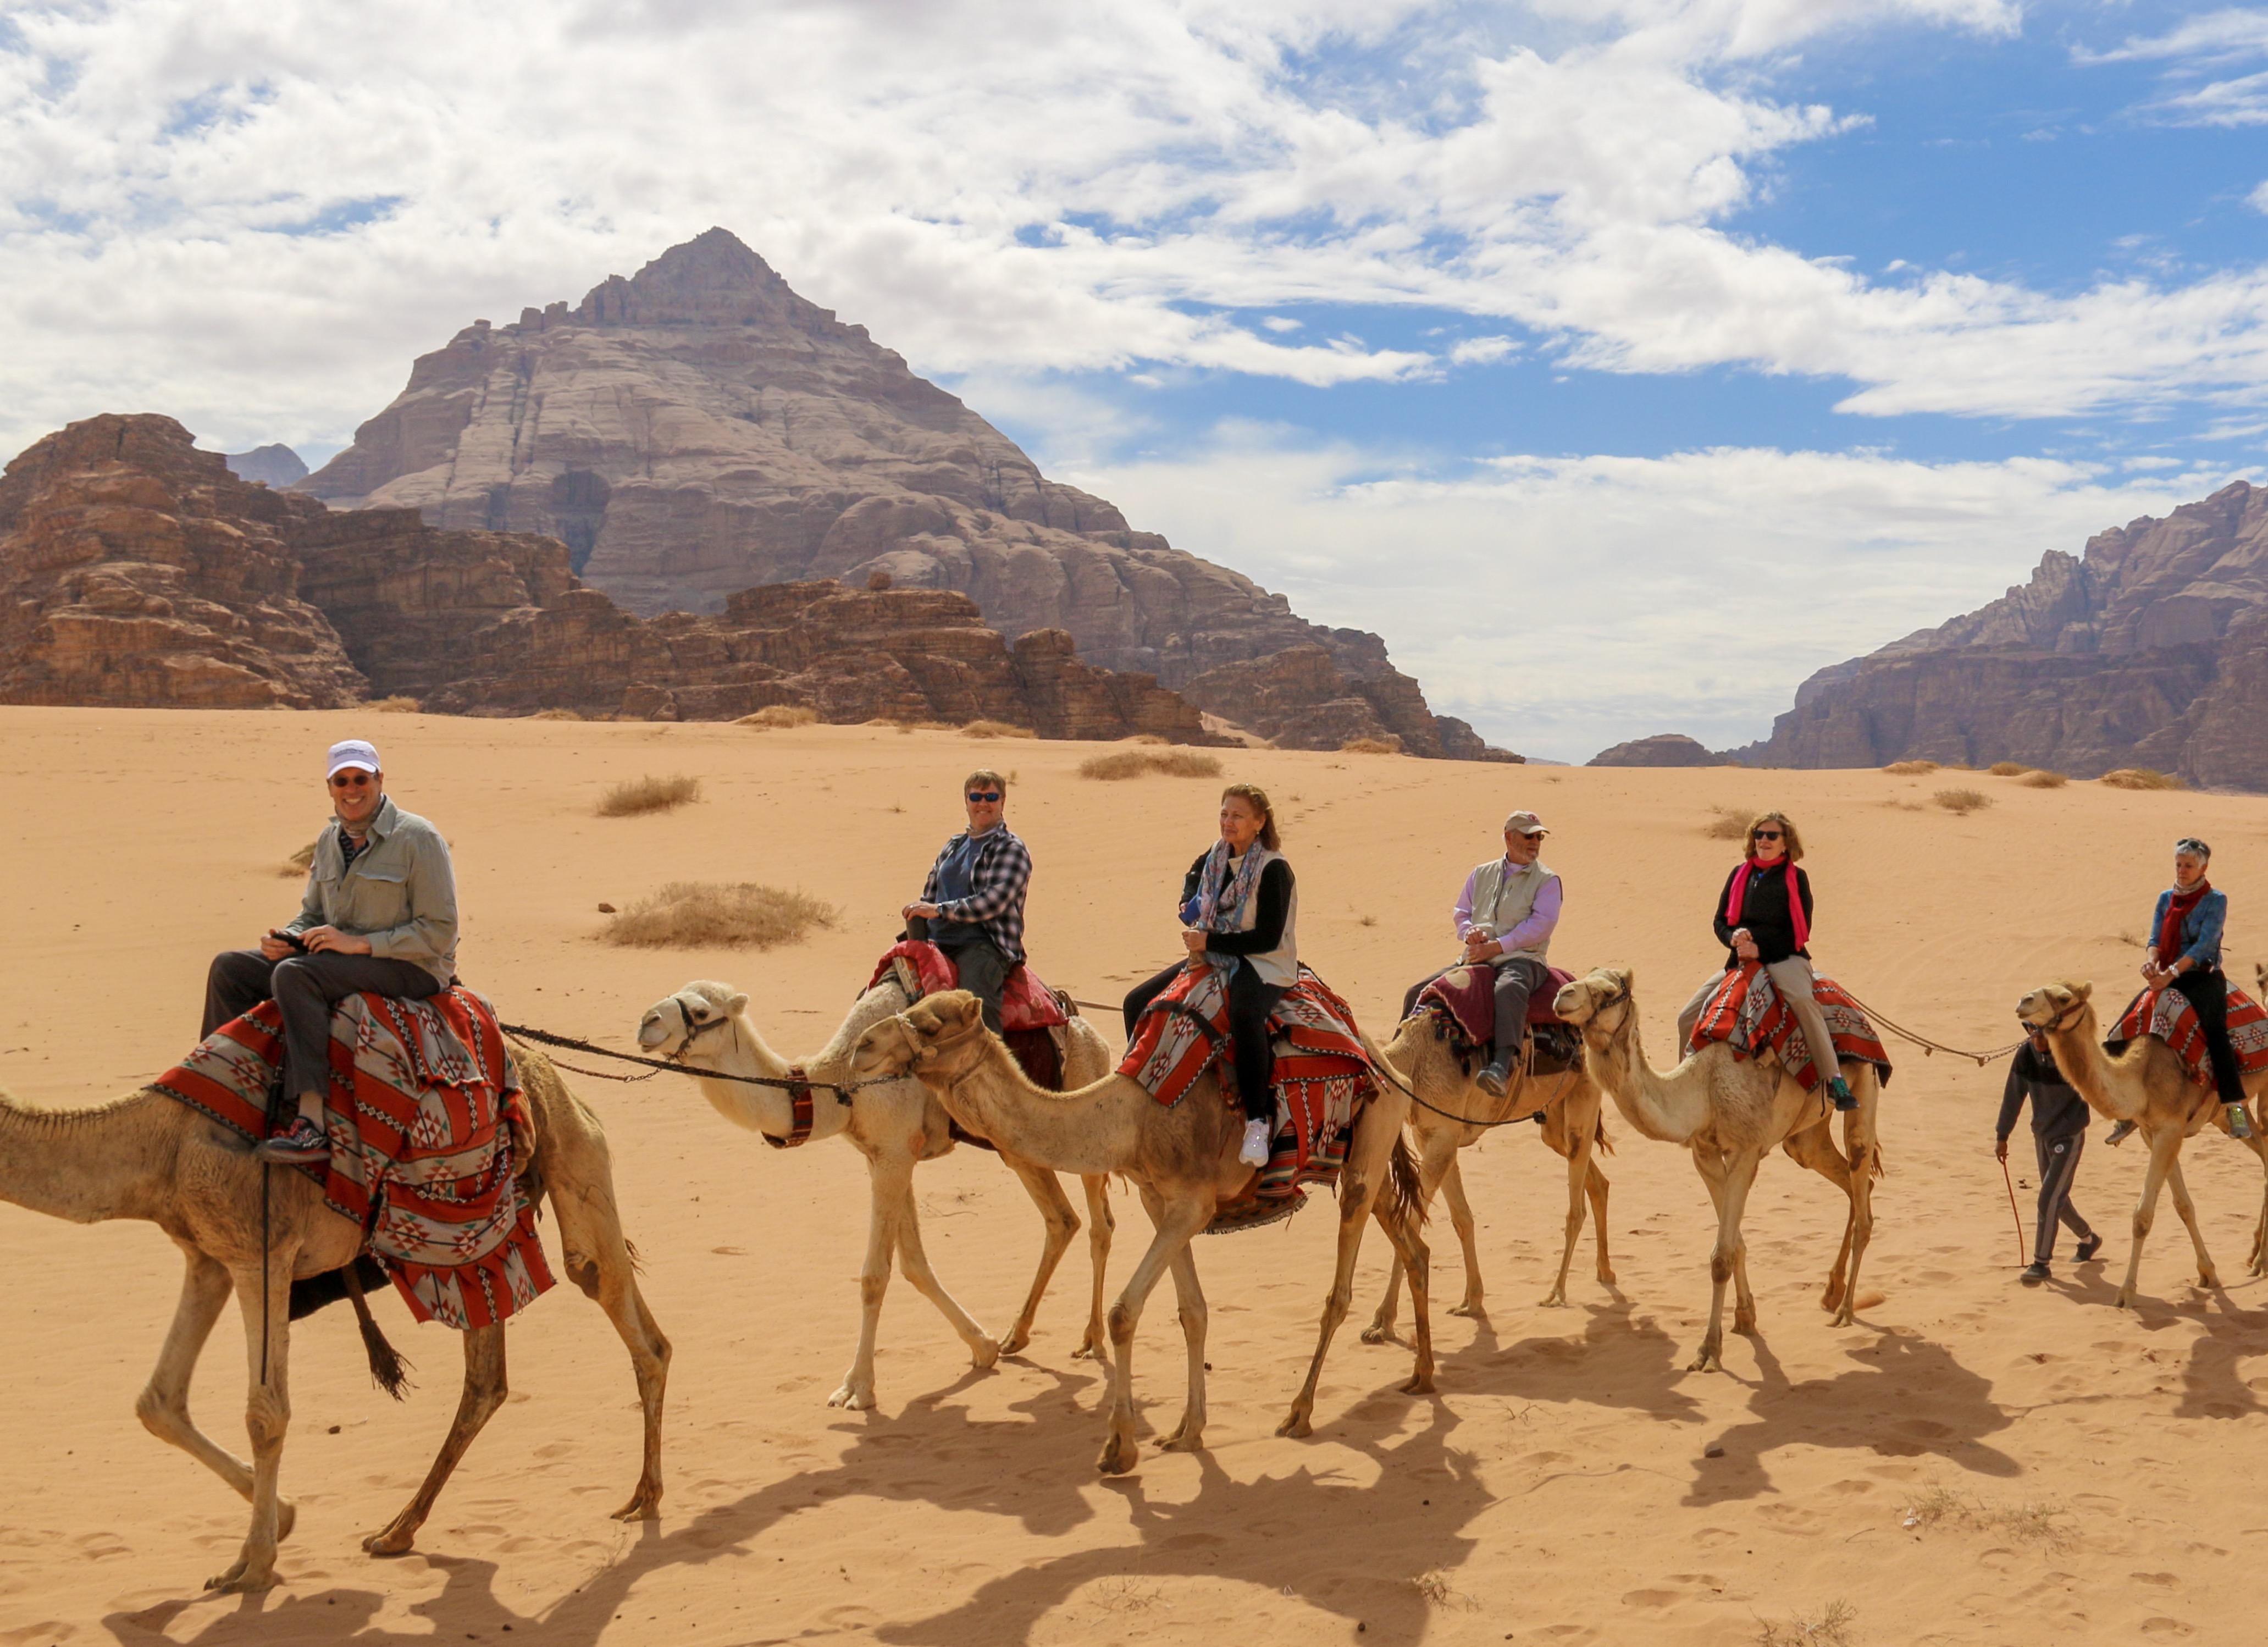 camels_in_jordan 2